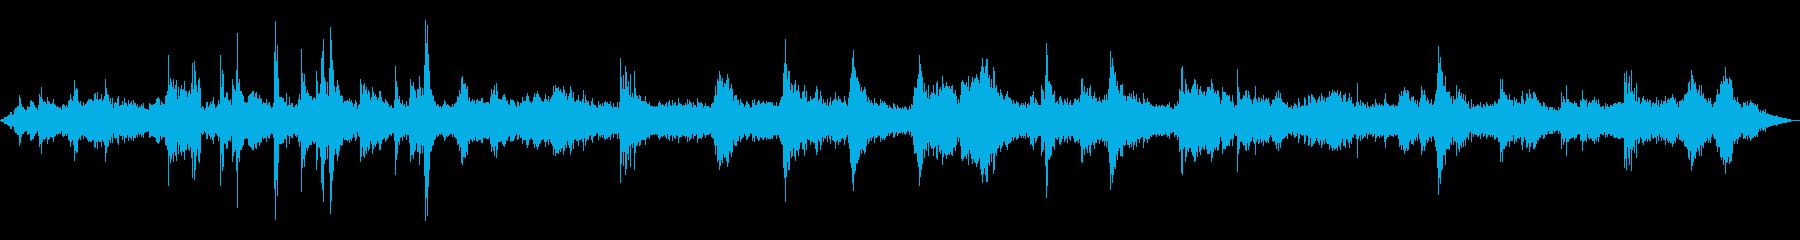 お店周りの音(ザワザワ)の再生済みの波形